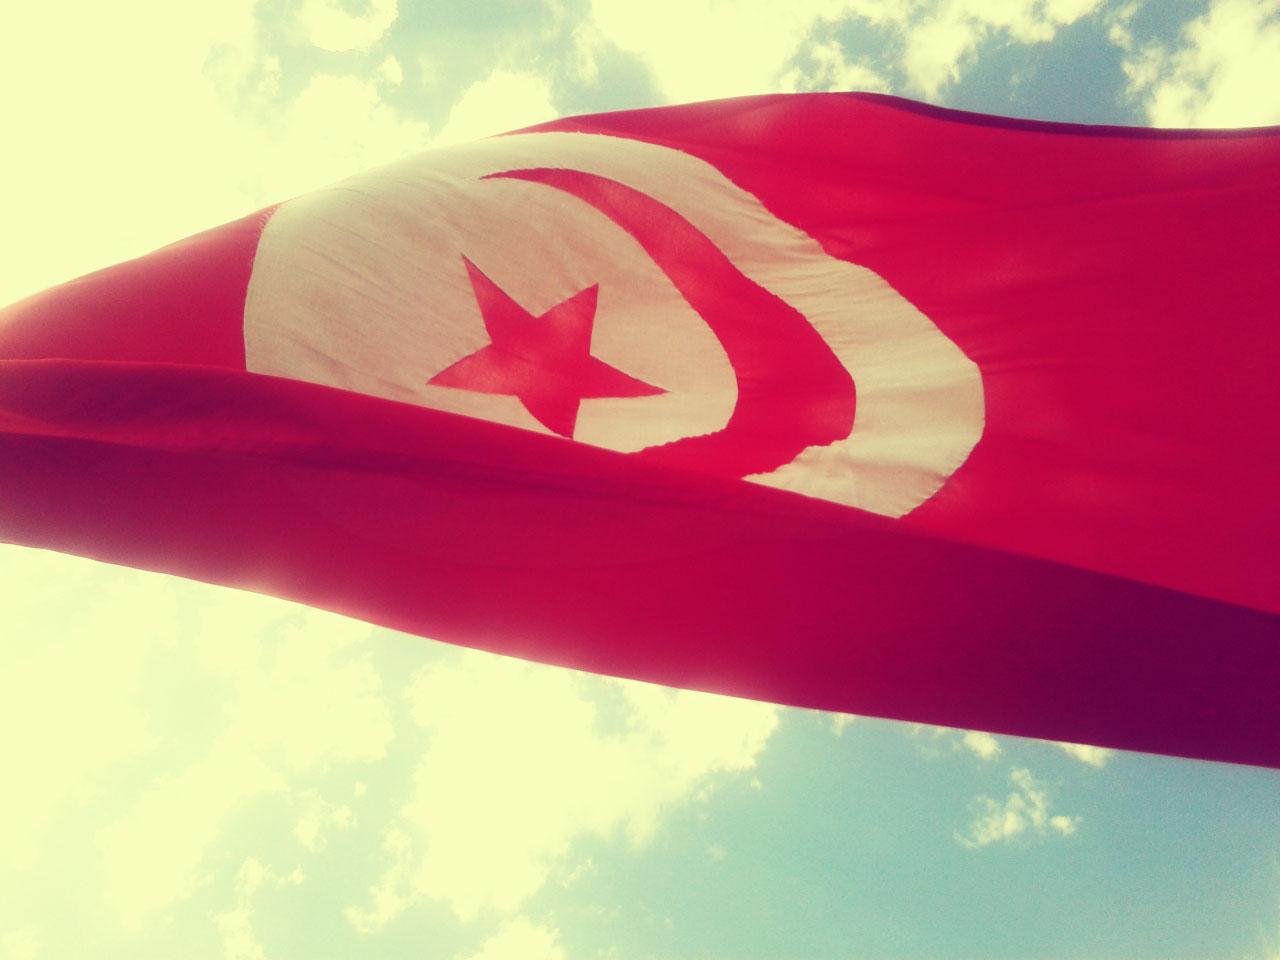 Le Centre d'Action Laïque félicite la Tunisie pour sa nouvelle Constitution